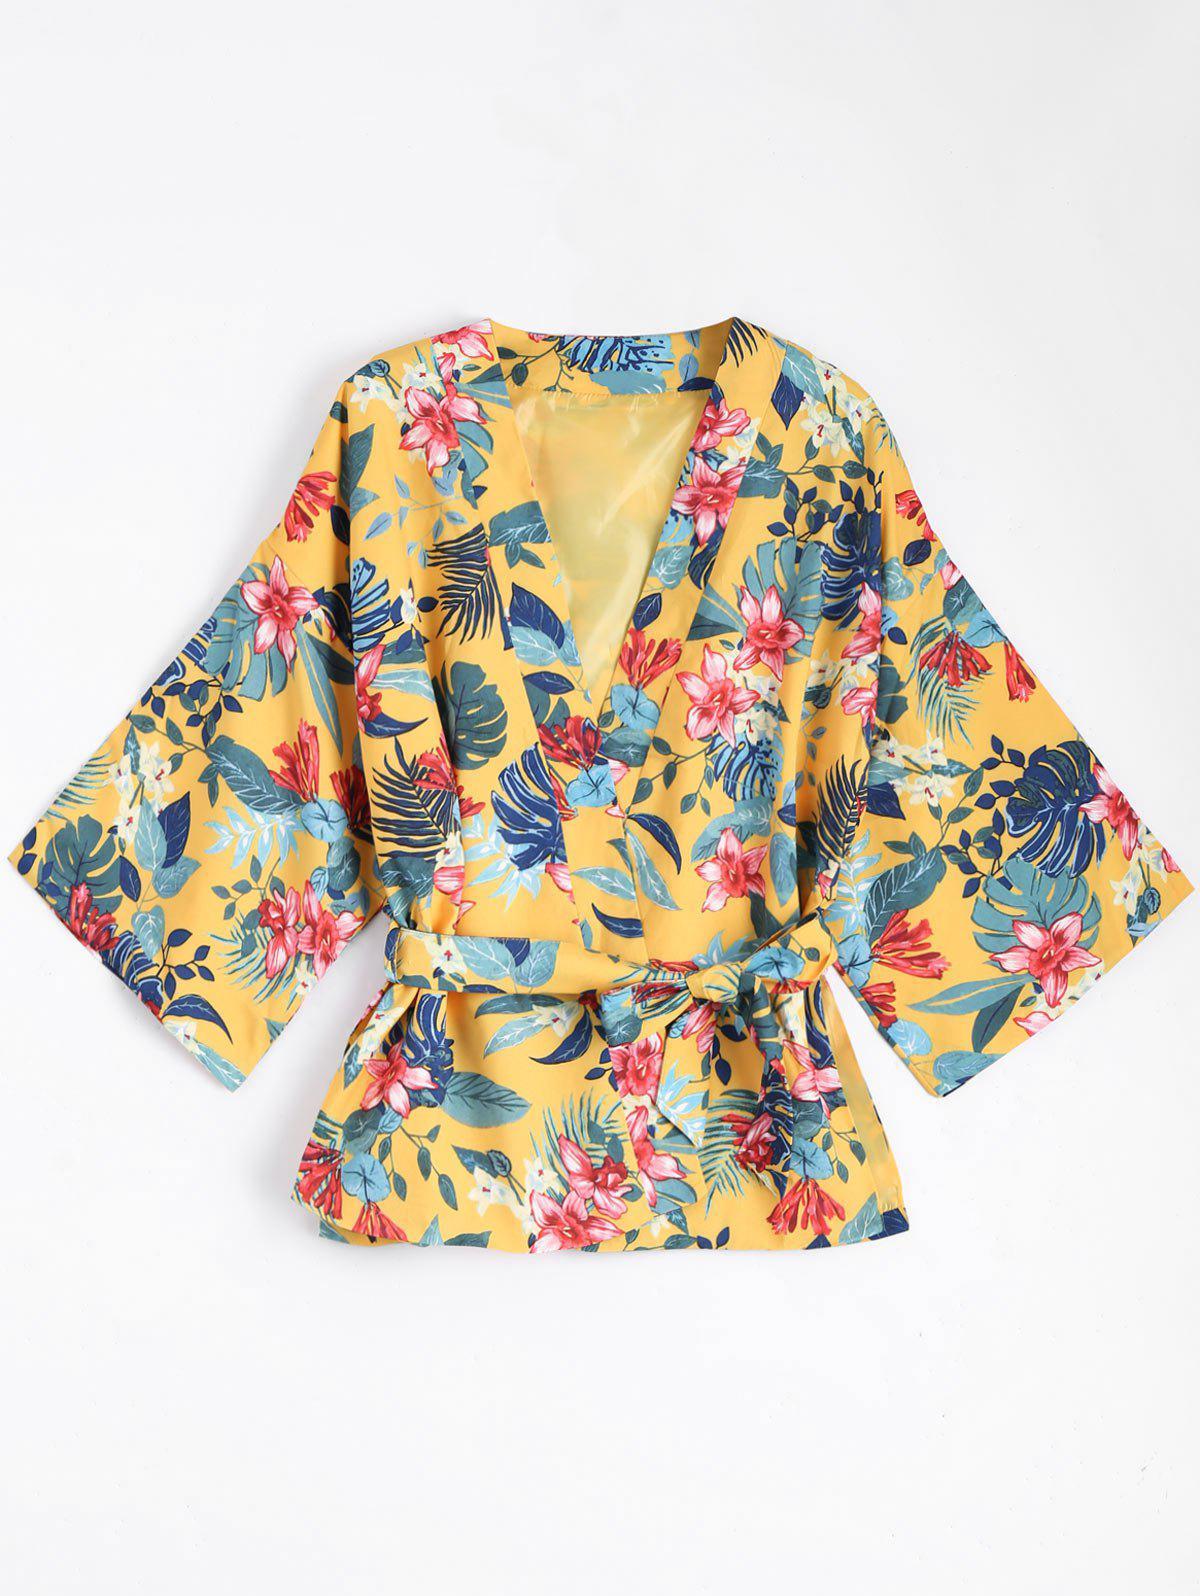 Kimono Bluse Mantel mit Grtel und Blumendruck